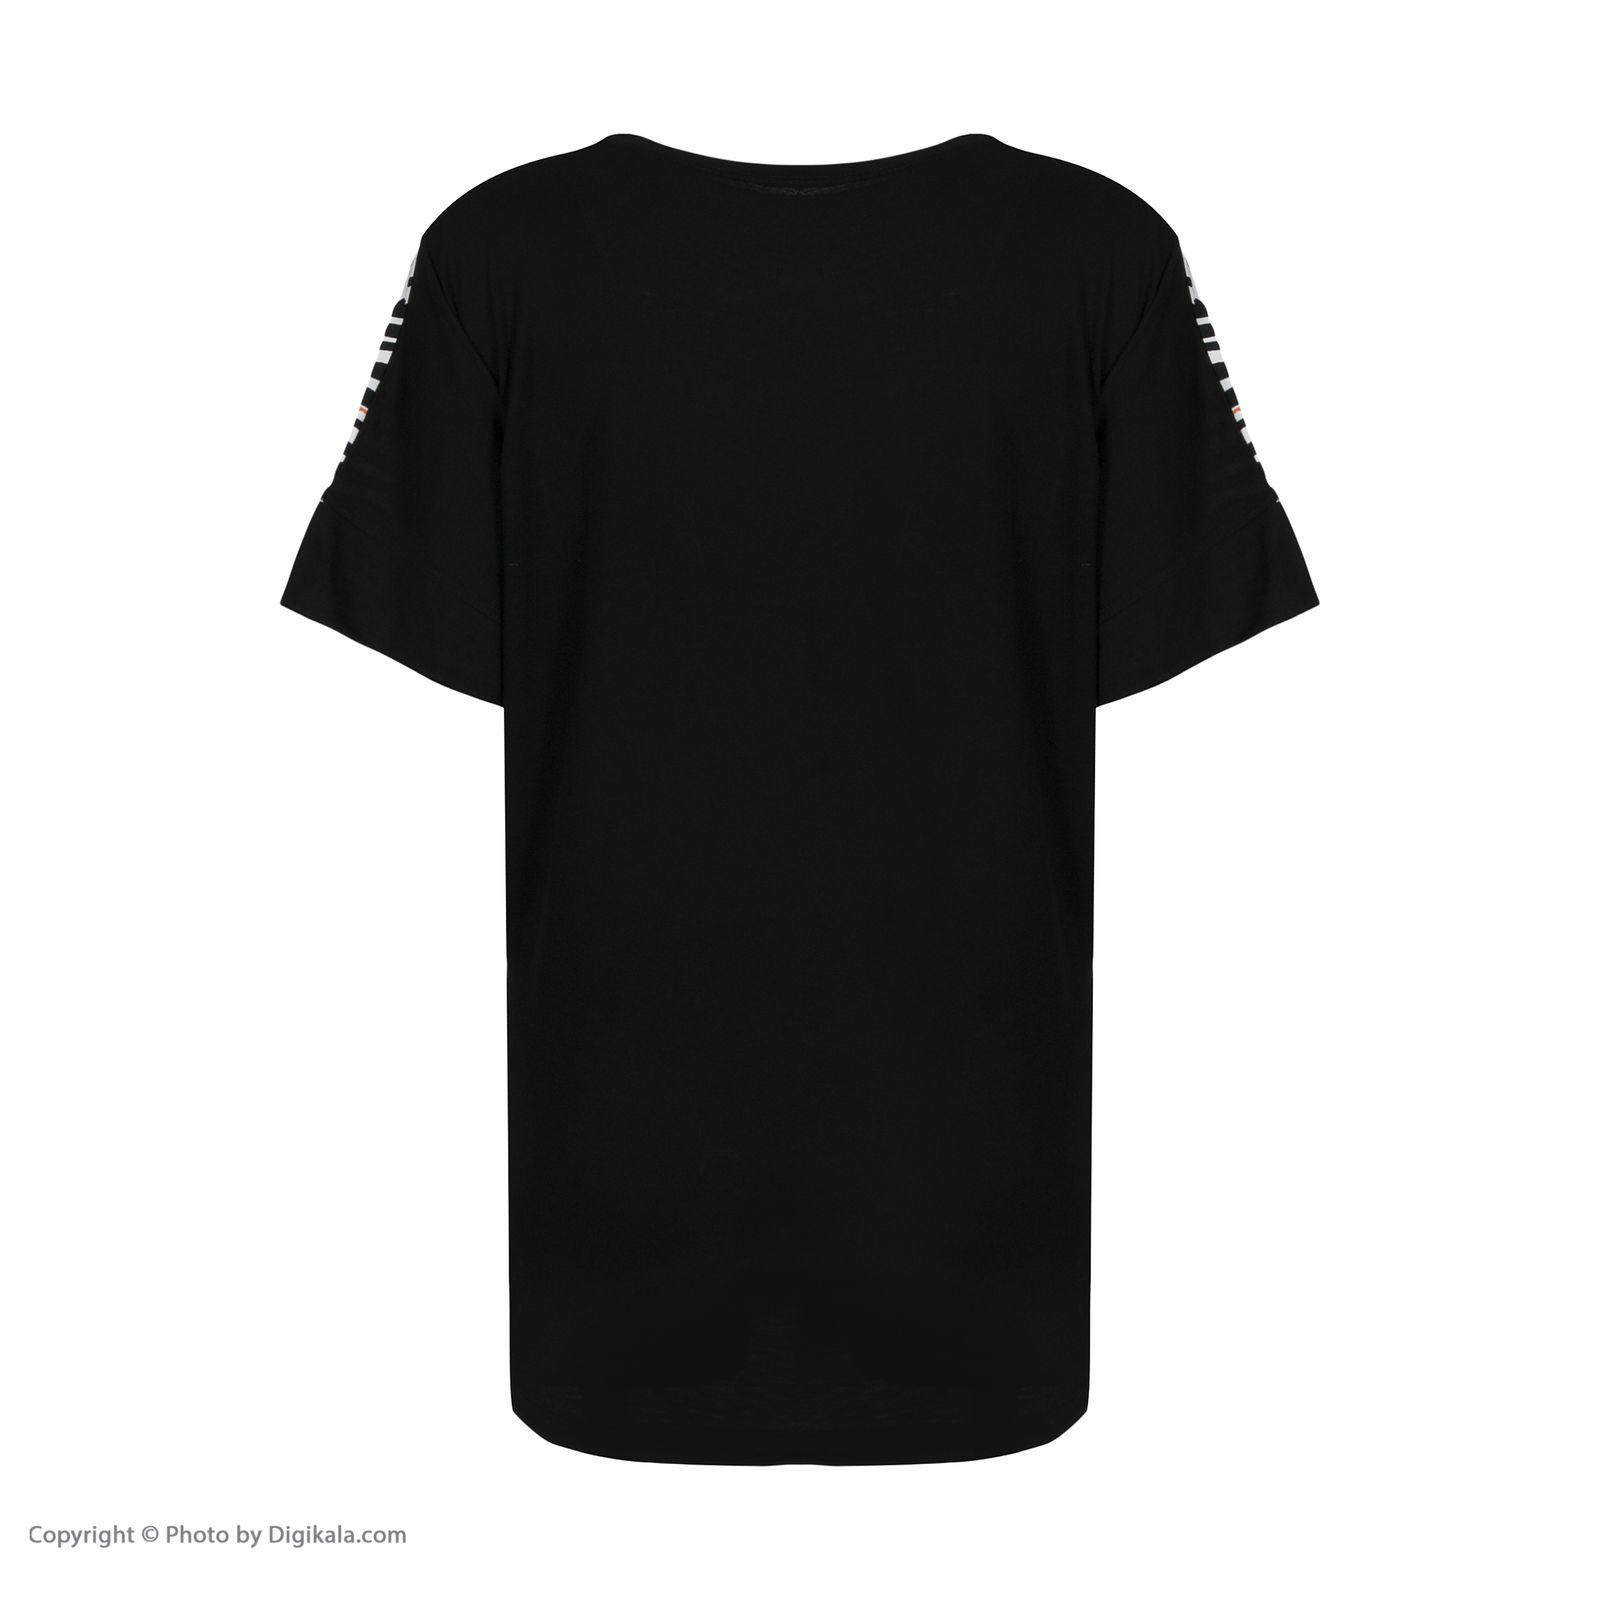 تی شرت آستین کوتاه زنانه فمیلی ور طرح پلنگی کد 172 رنگ مشکی -  - 4